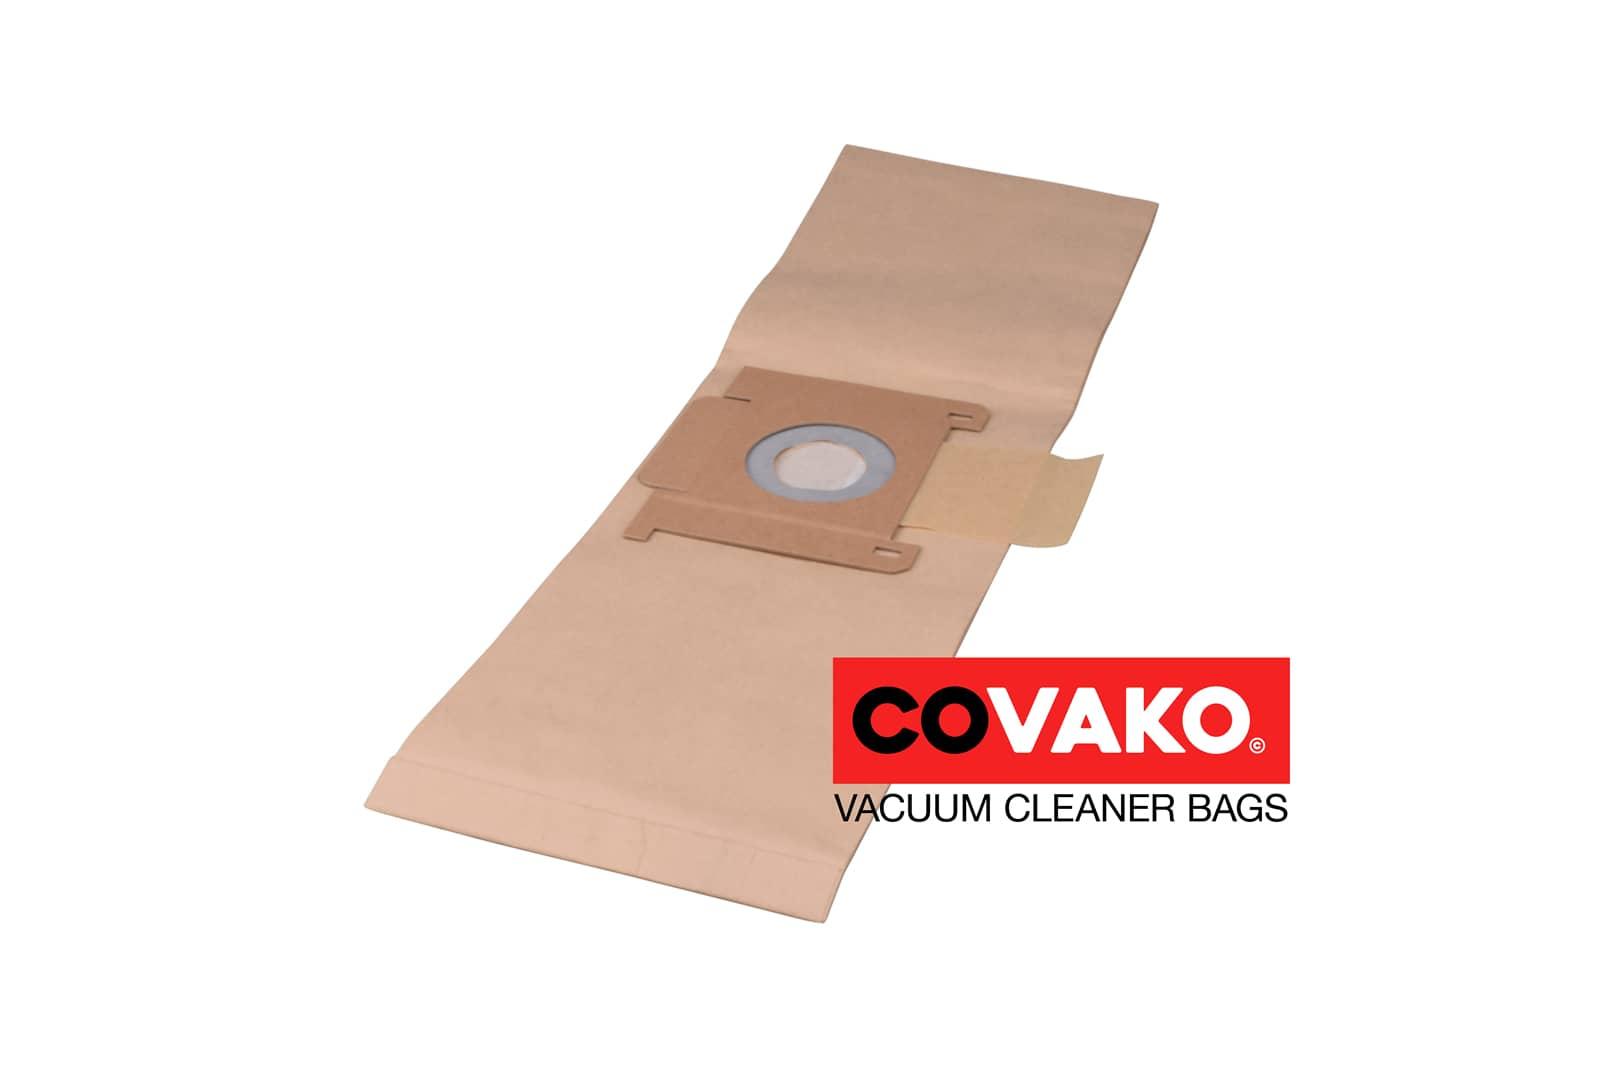 Kenter pur Q / Papier - Kenter sacs d'aspirateur